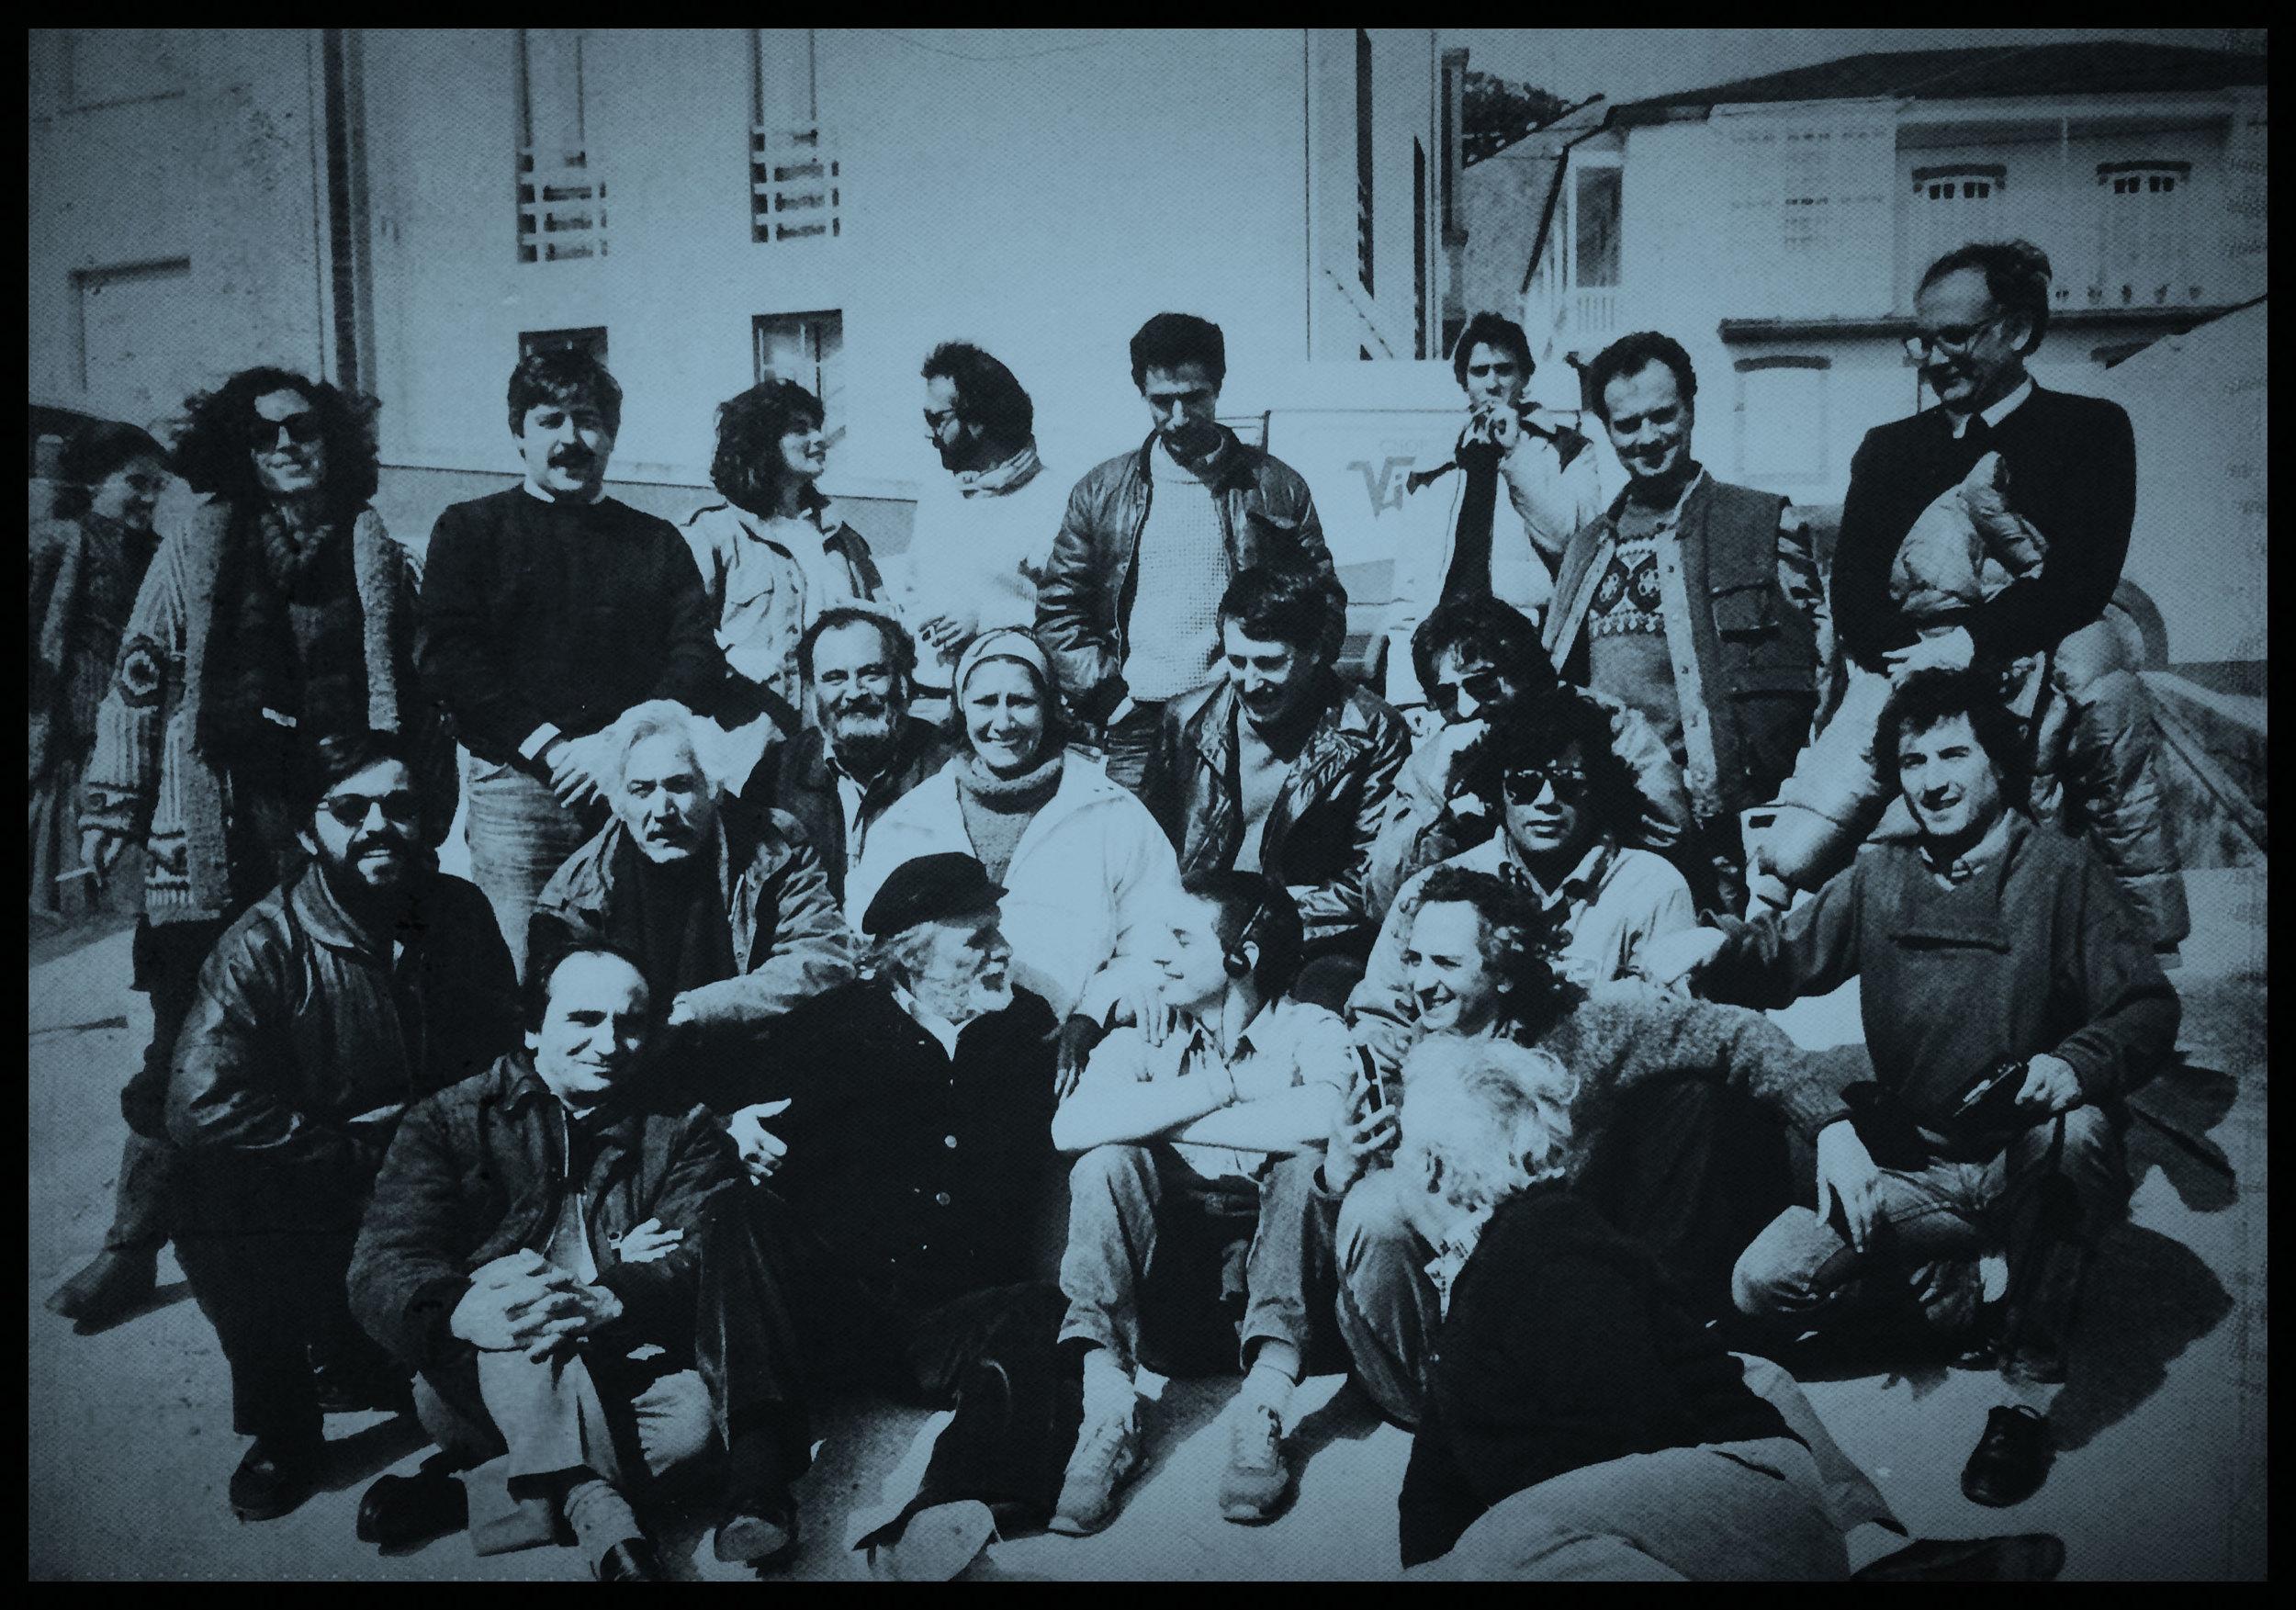 1985, rodaje de La vieja música. A la izquierda, arrodillado y con gafas de sol, Félix Tusell Gómez, y detrás de él, Mercedes Sánchez Rau. En la foto también aparecen el director de la película, Mario Camus (de pie a la derecha) y los actores Paco Rabal y Federico Luppi.